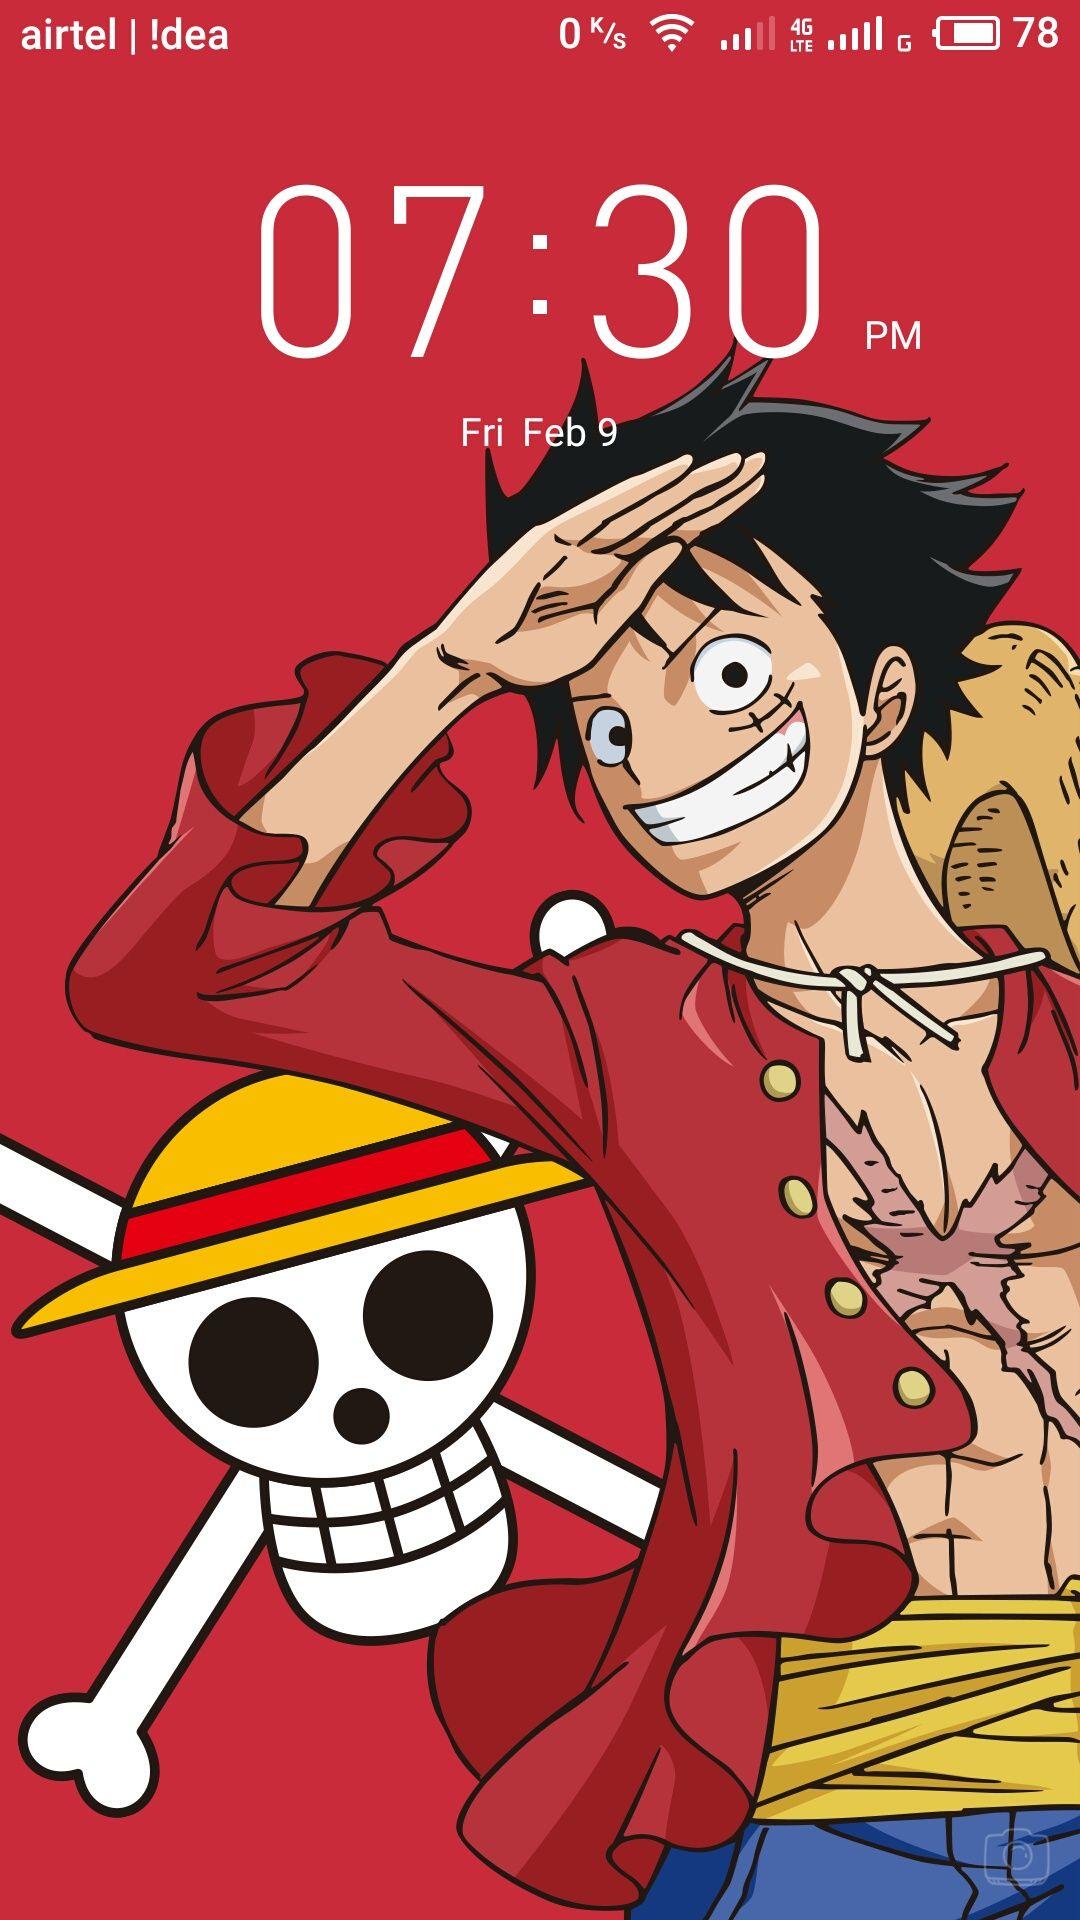 Wallpaper One Piece Hp Xiaomi Luffy Sanji Roronoa Zoro Usopp Hd Wallpaper To Download The Original Wallpaper Save It In 2021 Anime Wallpaper Hd Anime Wallpapers Anime